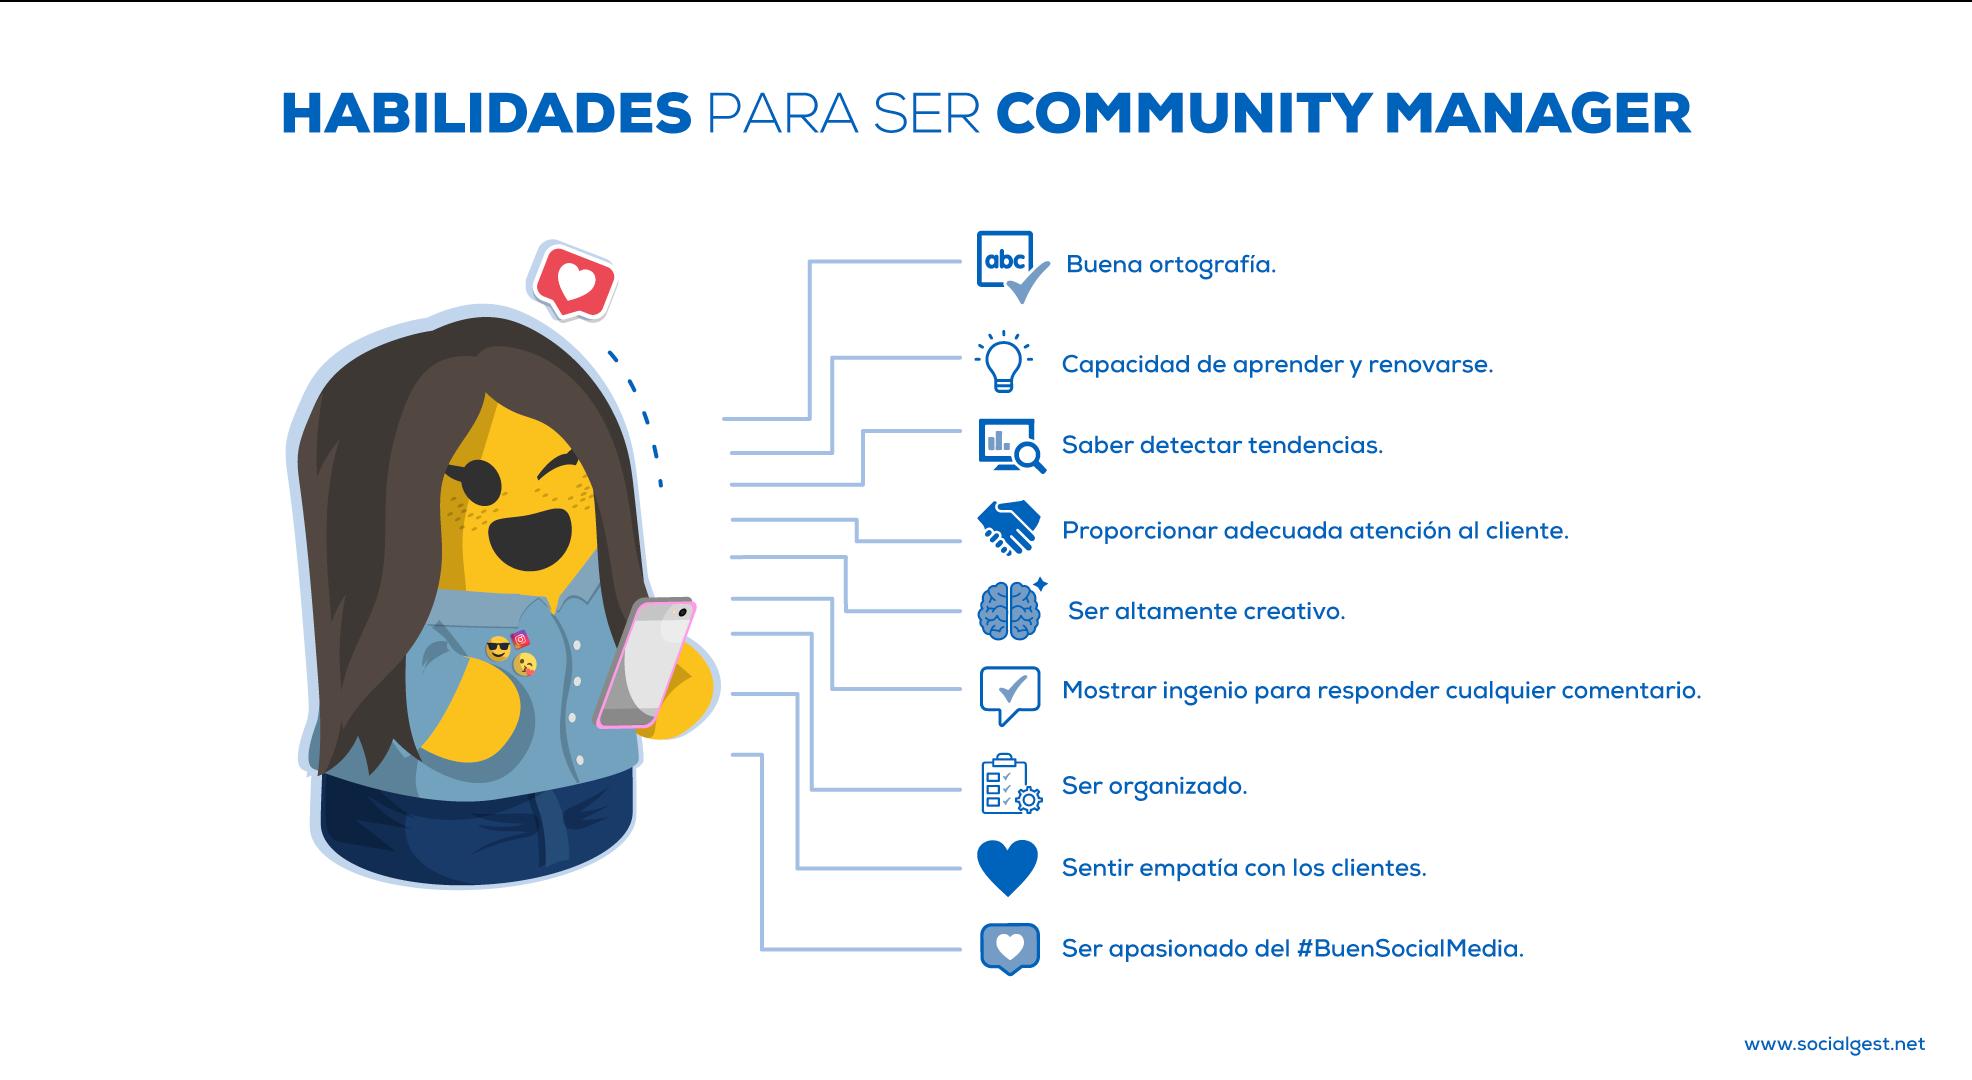 Habilidades y Funciones de un Community Manager